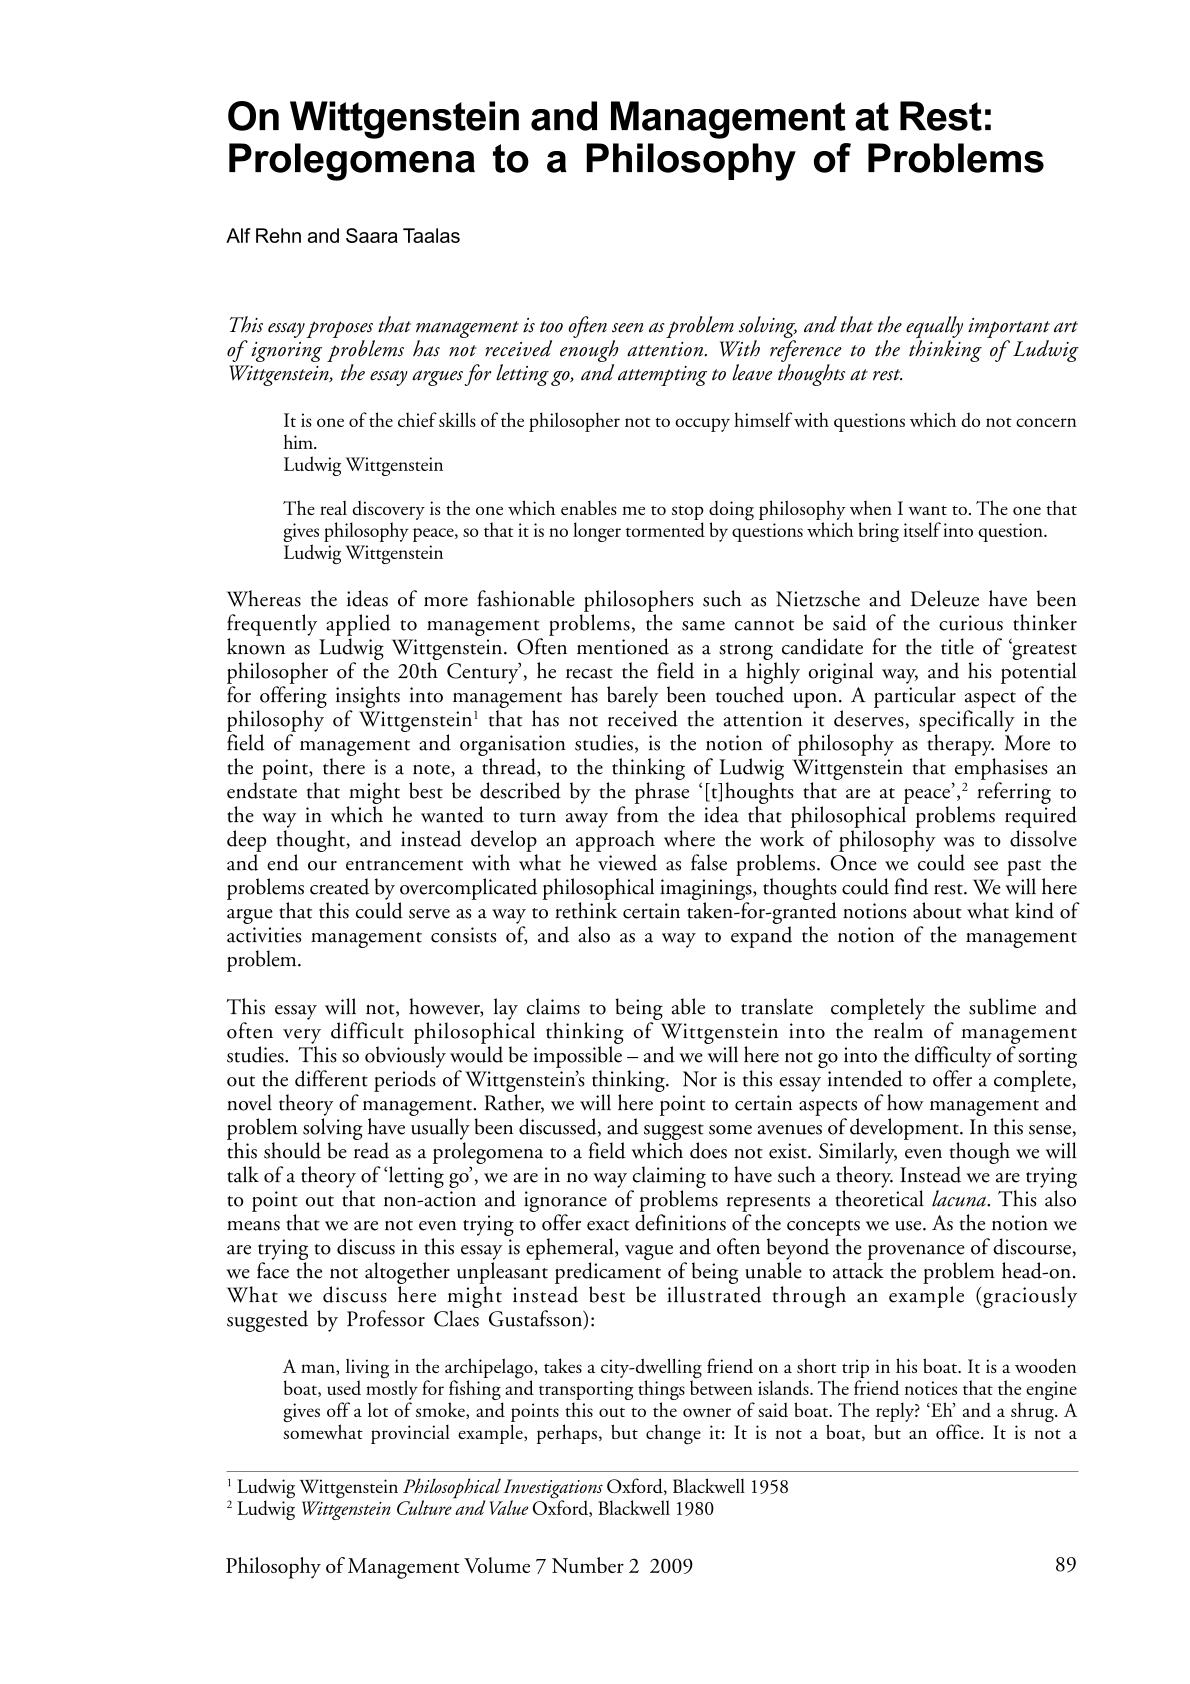 Wittgenstein essay top dissertation results writer services for school